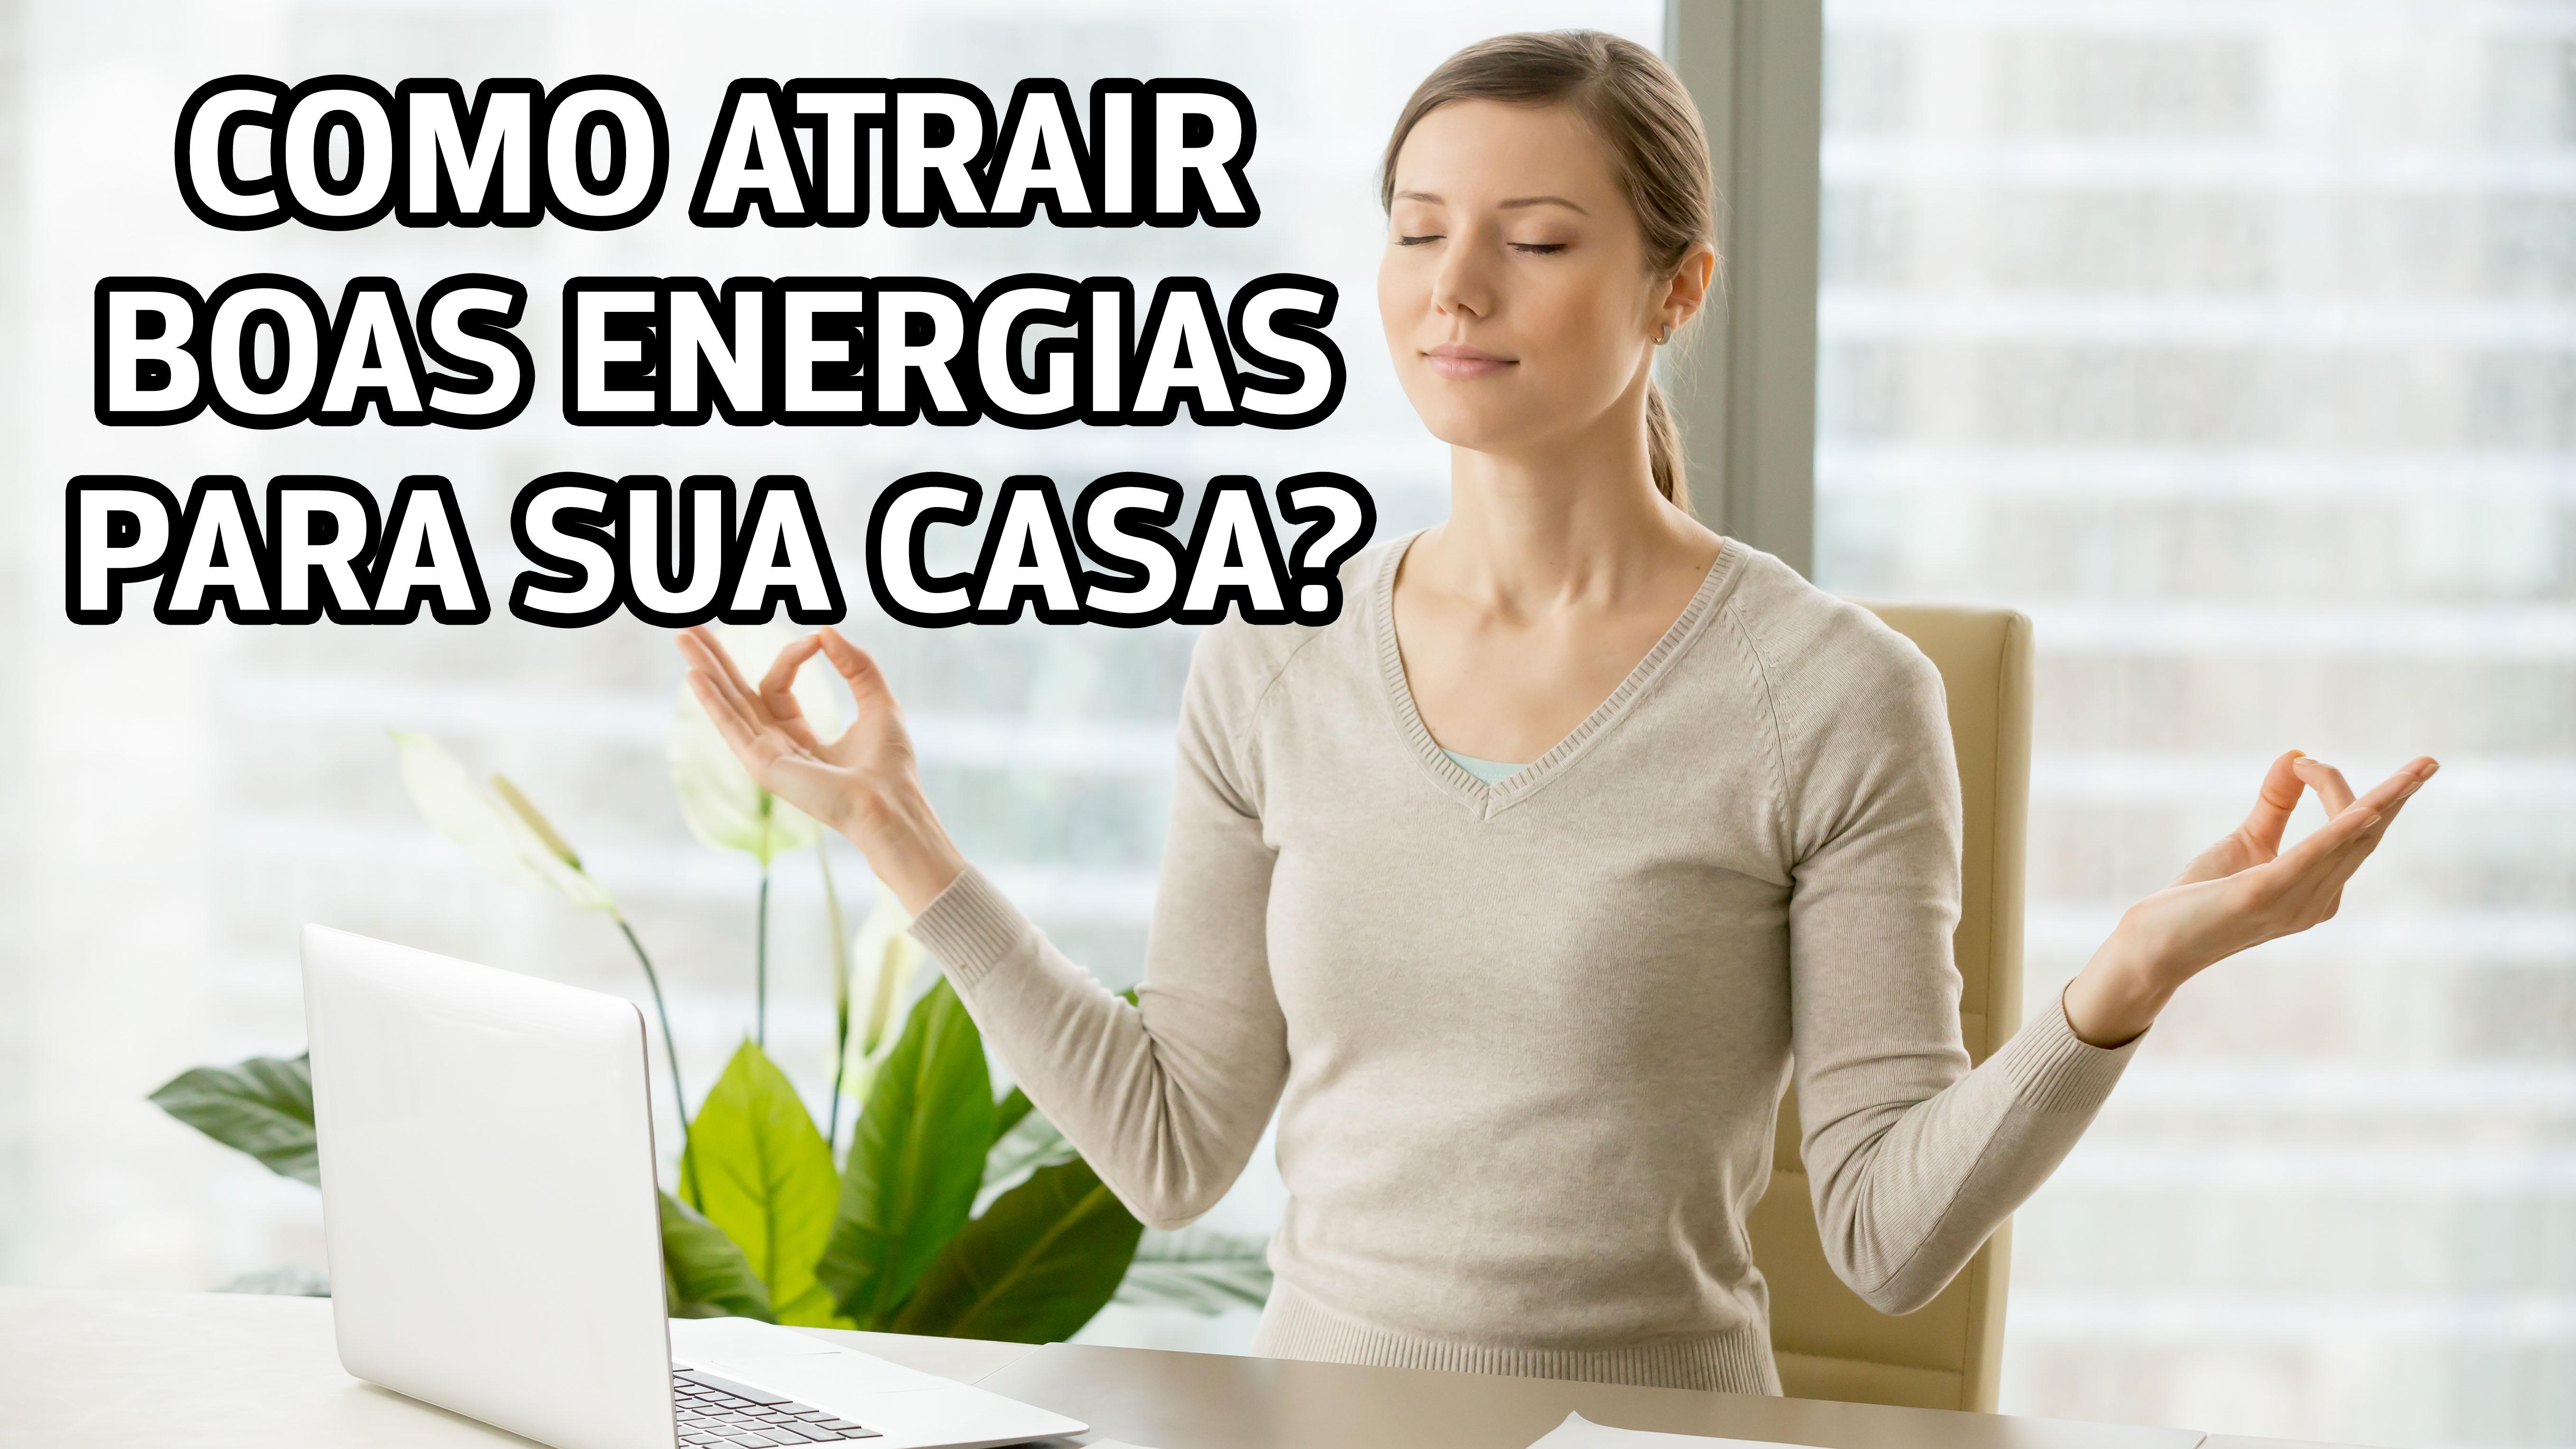 BOAS ENERGIAS